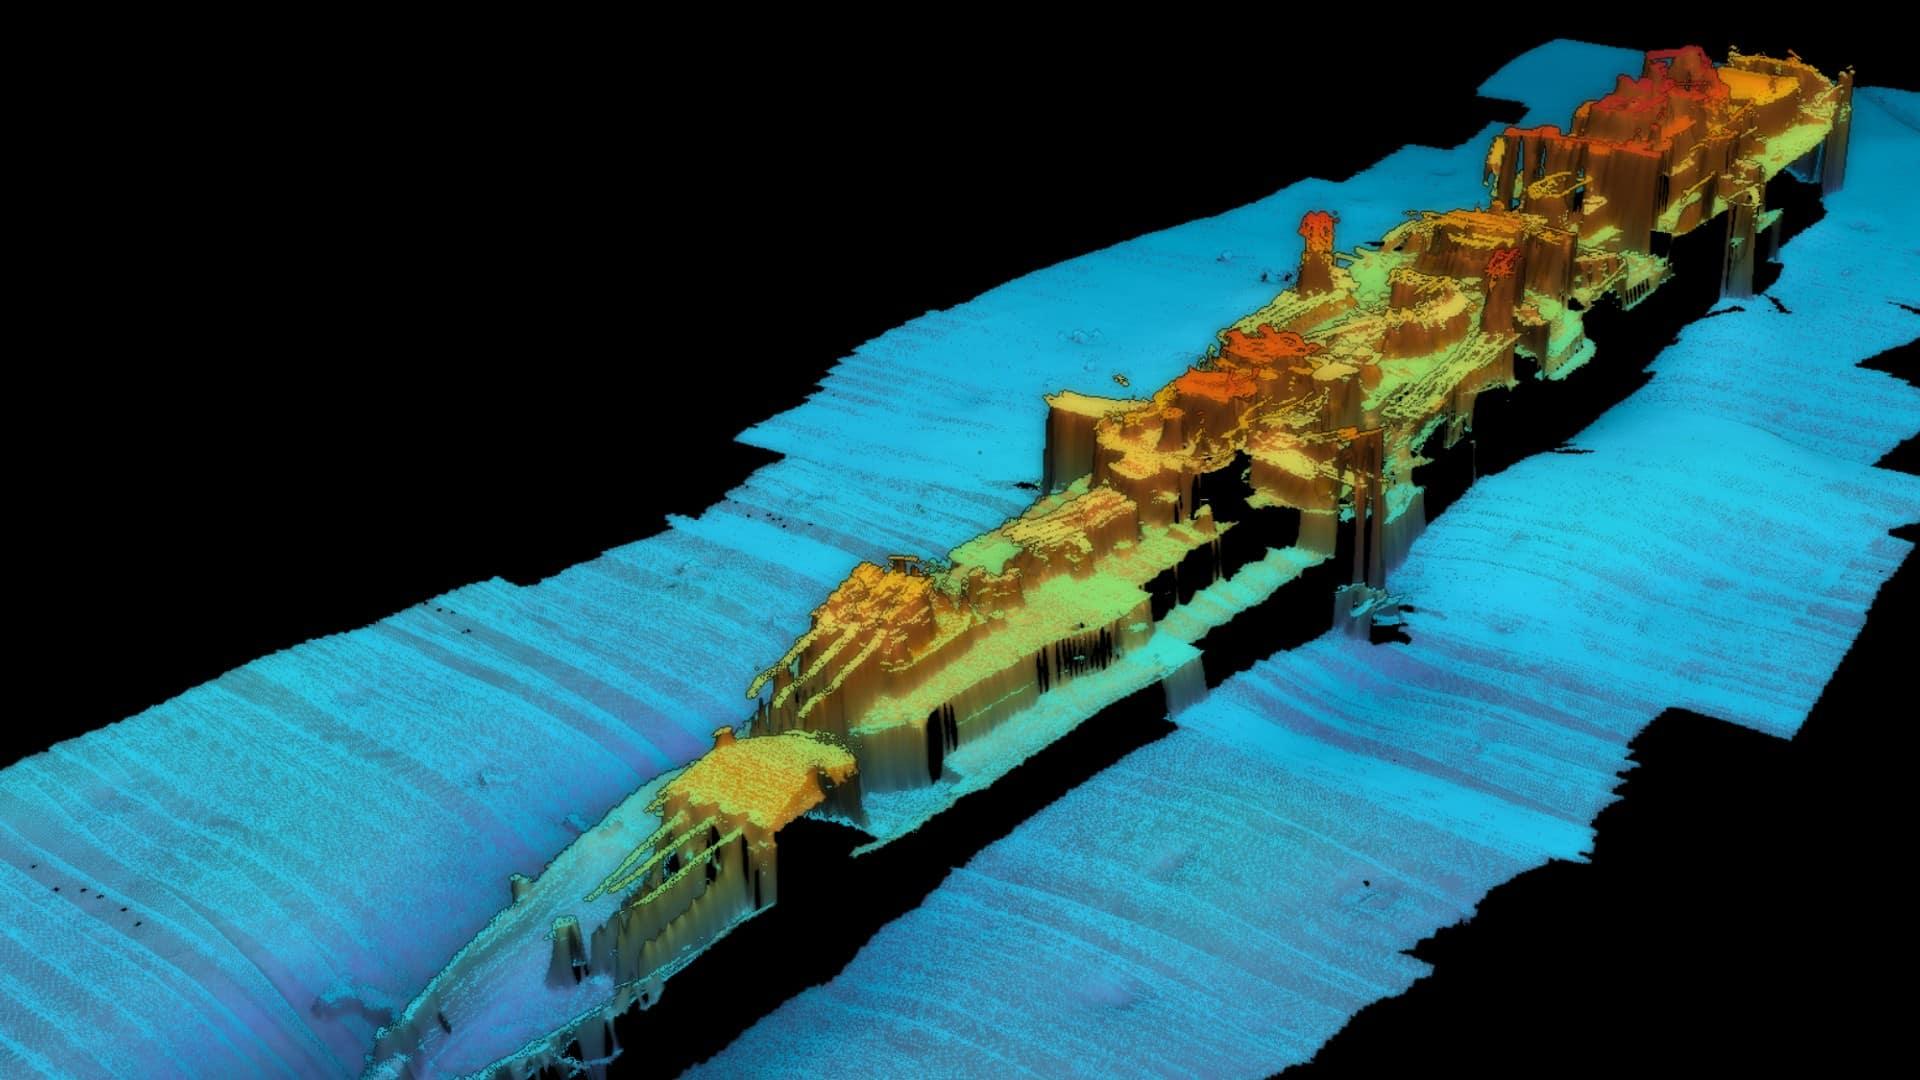 Szczegółowy obraz wykonany sonarem wraku Karlsruhe divers24.pl